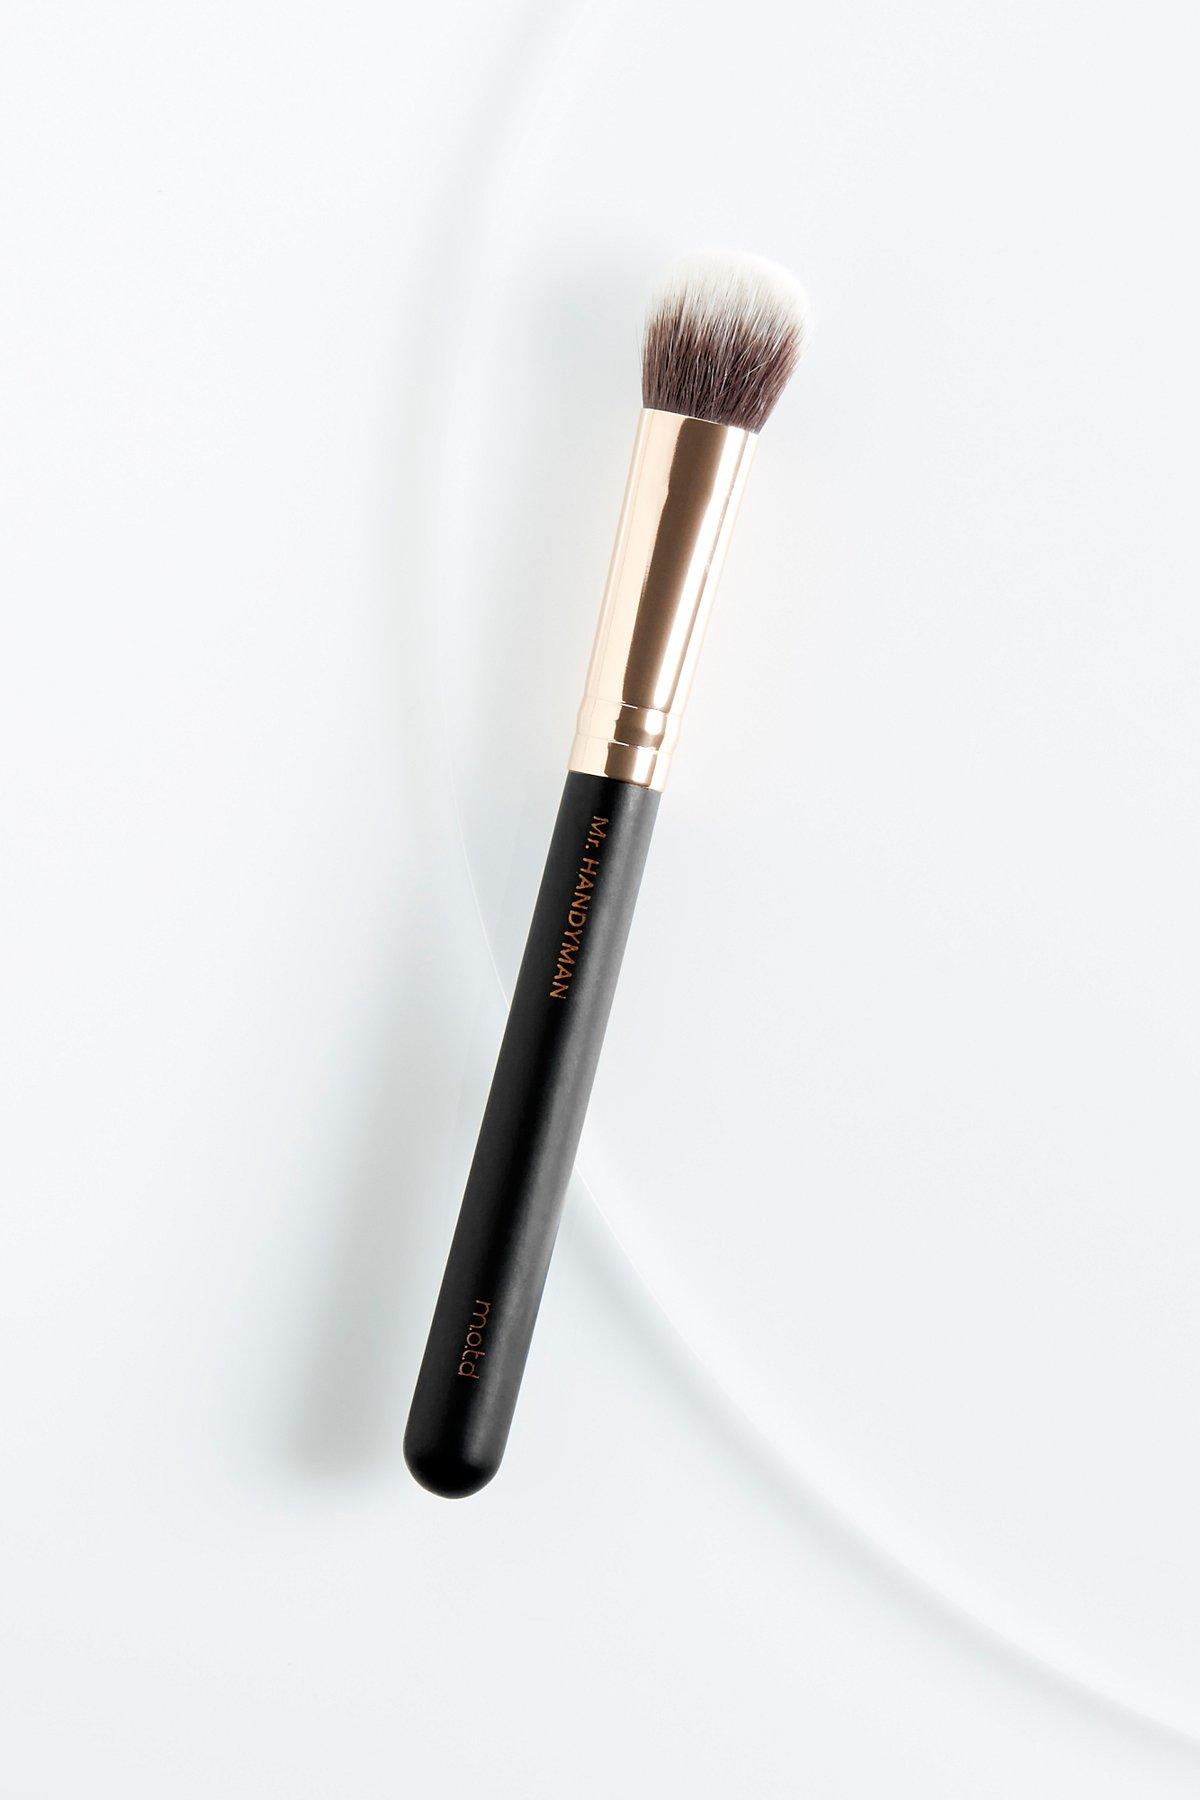 Mr. Handyman Brush